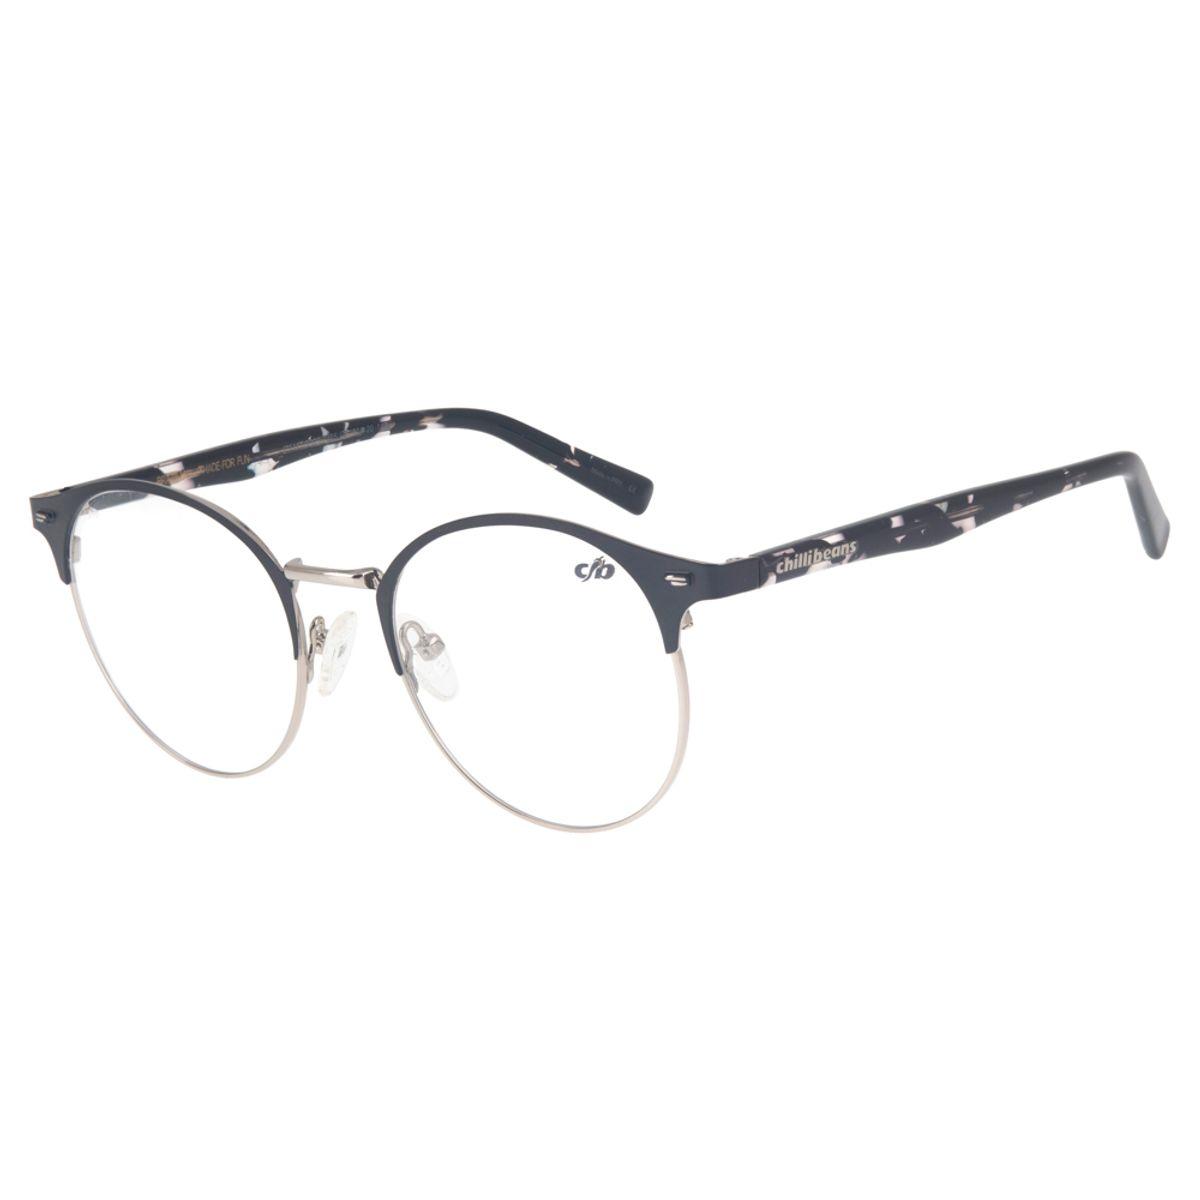 2f631c8870ad2 Armação para Óculos de Grau Redondo Chilli Beans Unissex Metal ...